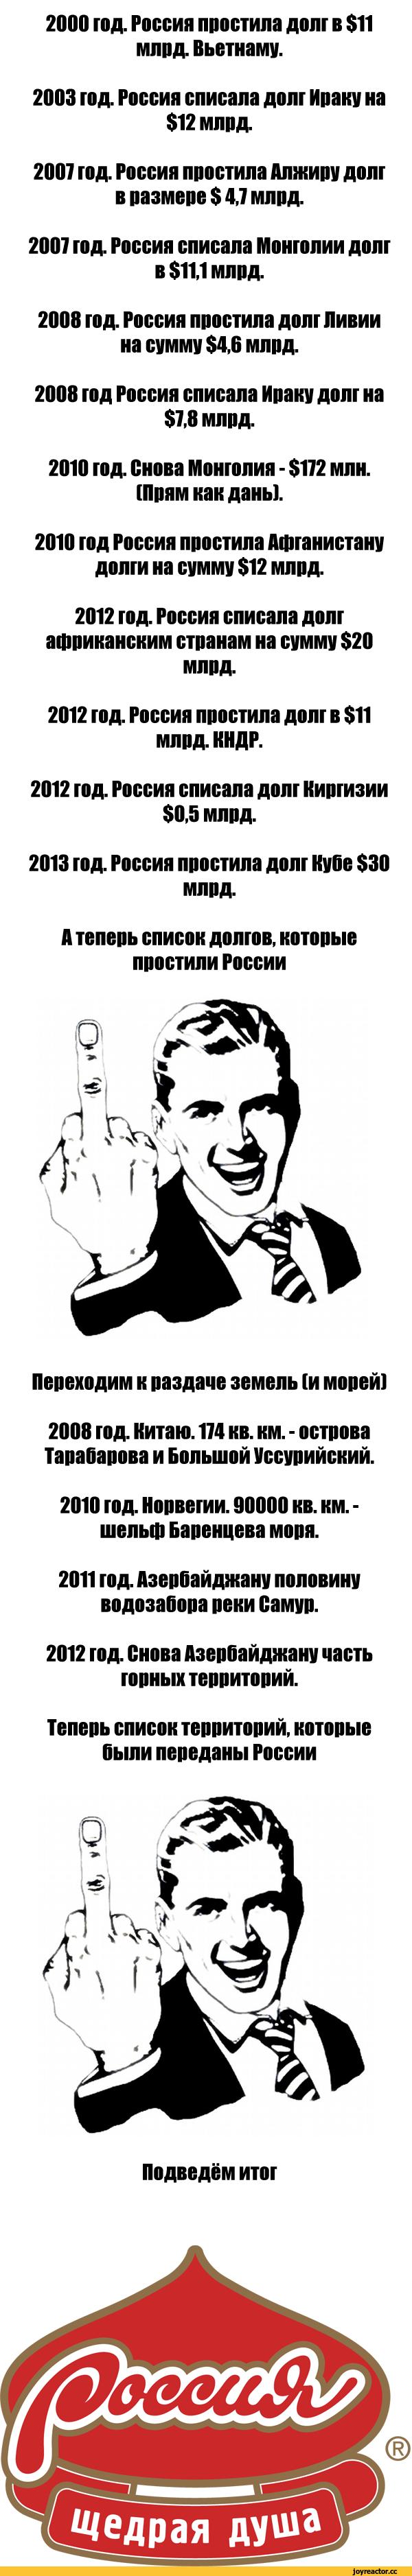 Россия - щедрая душа. Прощенные долги и подаренные территории